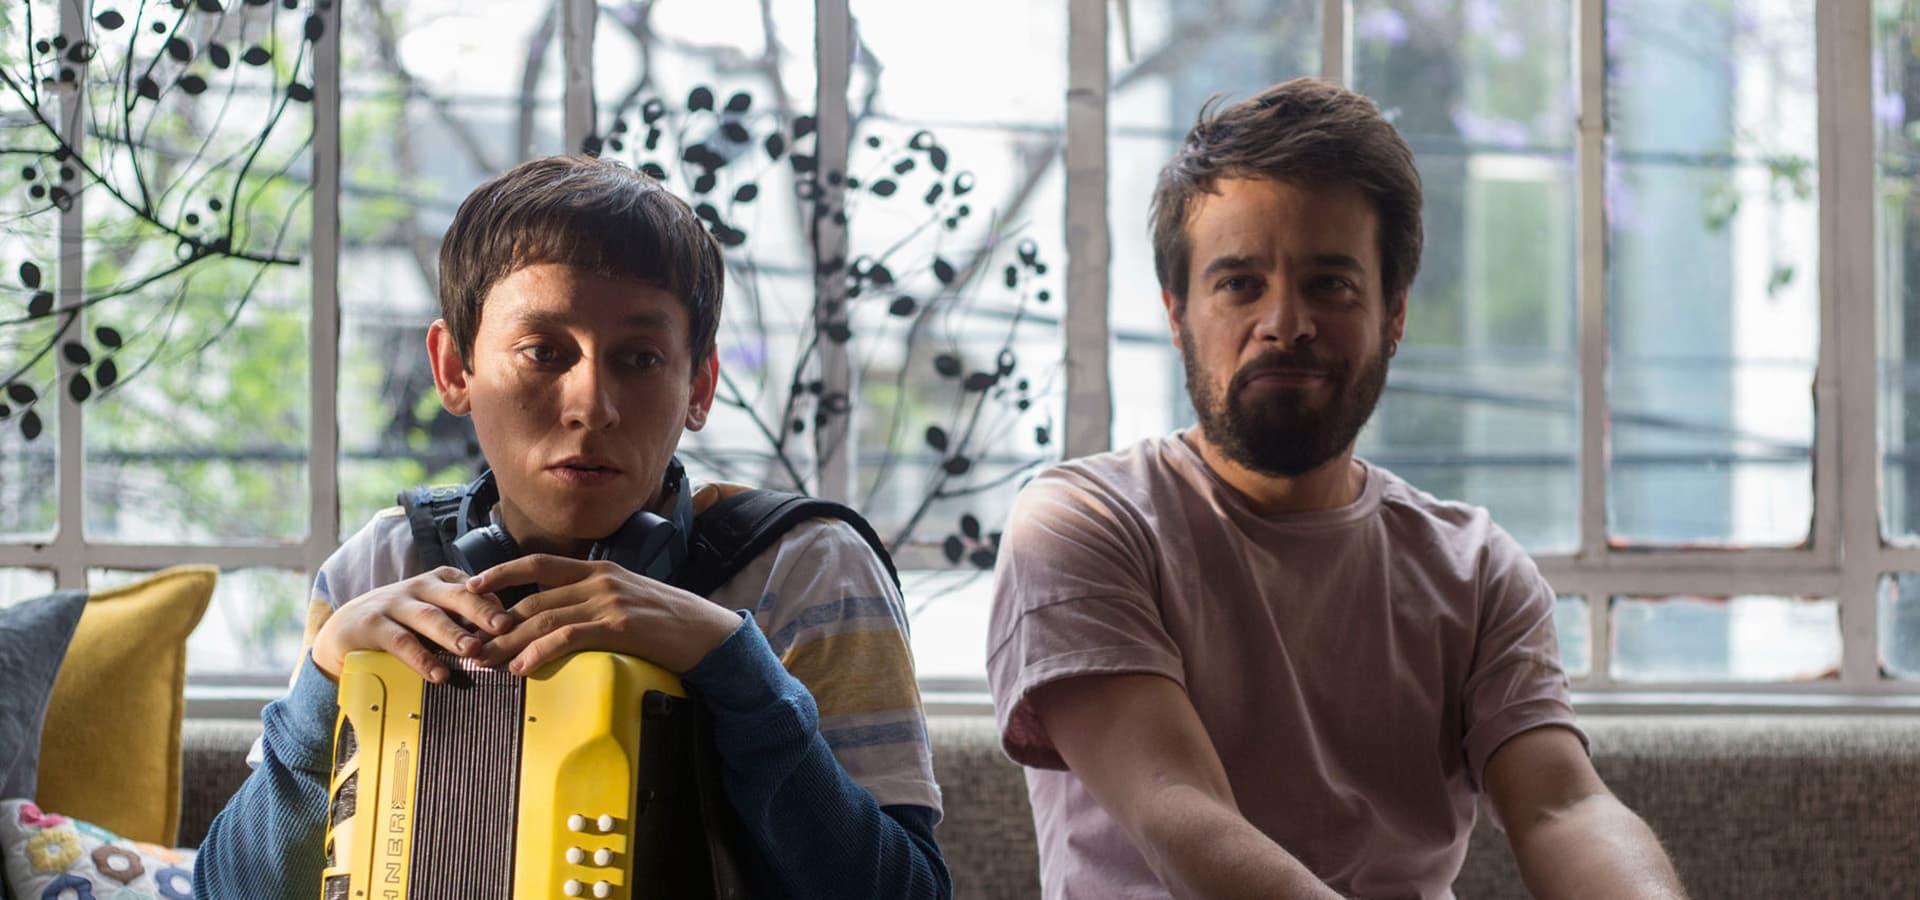 Los personajes de Tomás y Leo en la película ¿Conoces a Tomás?